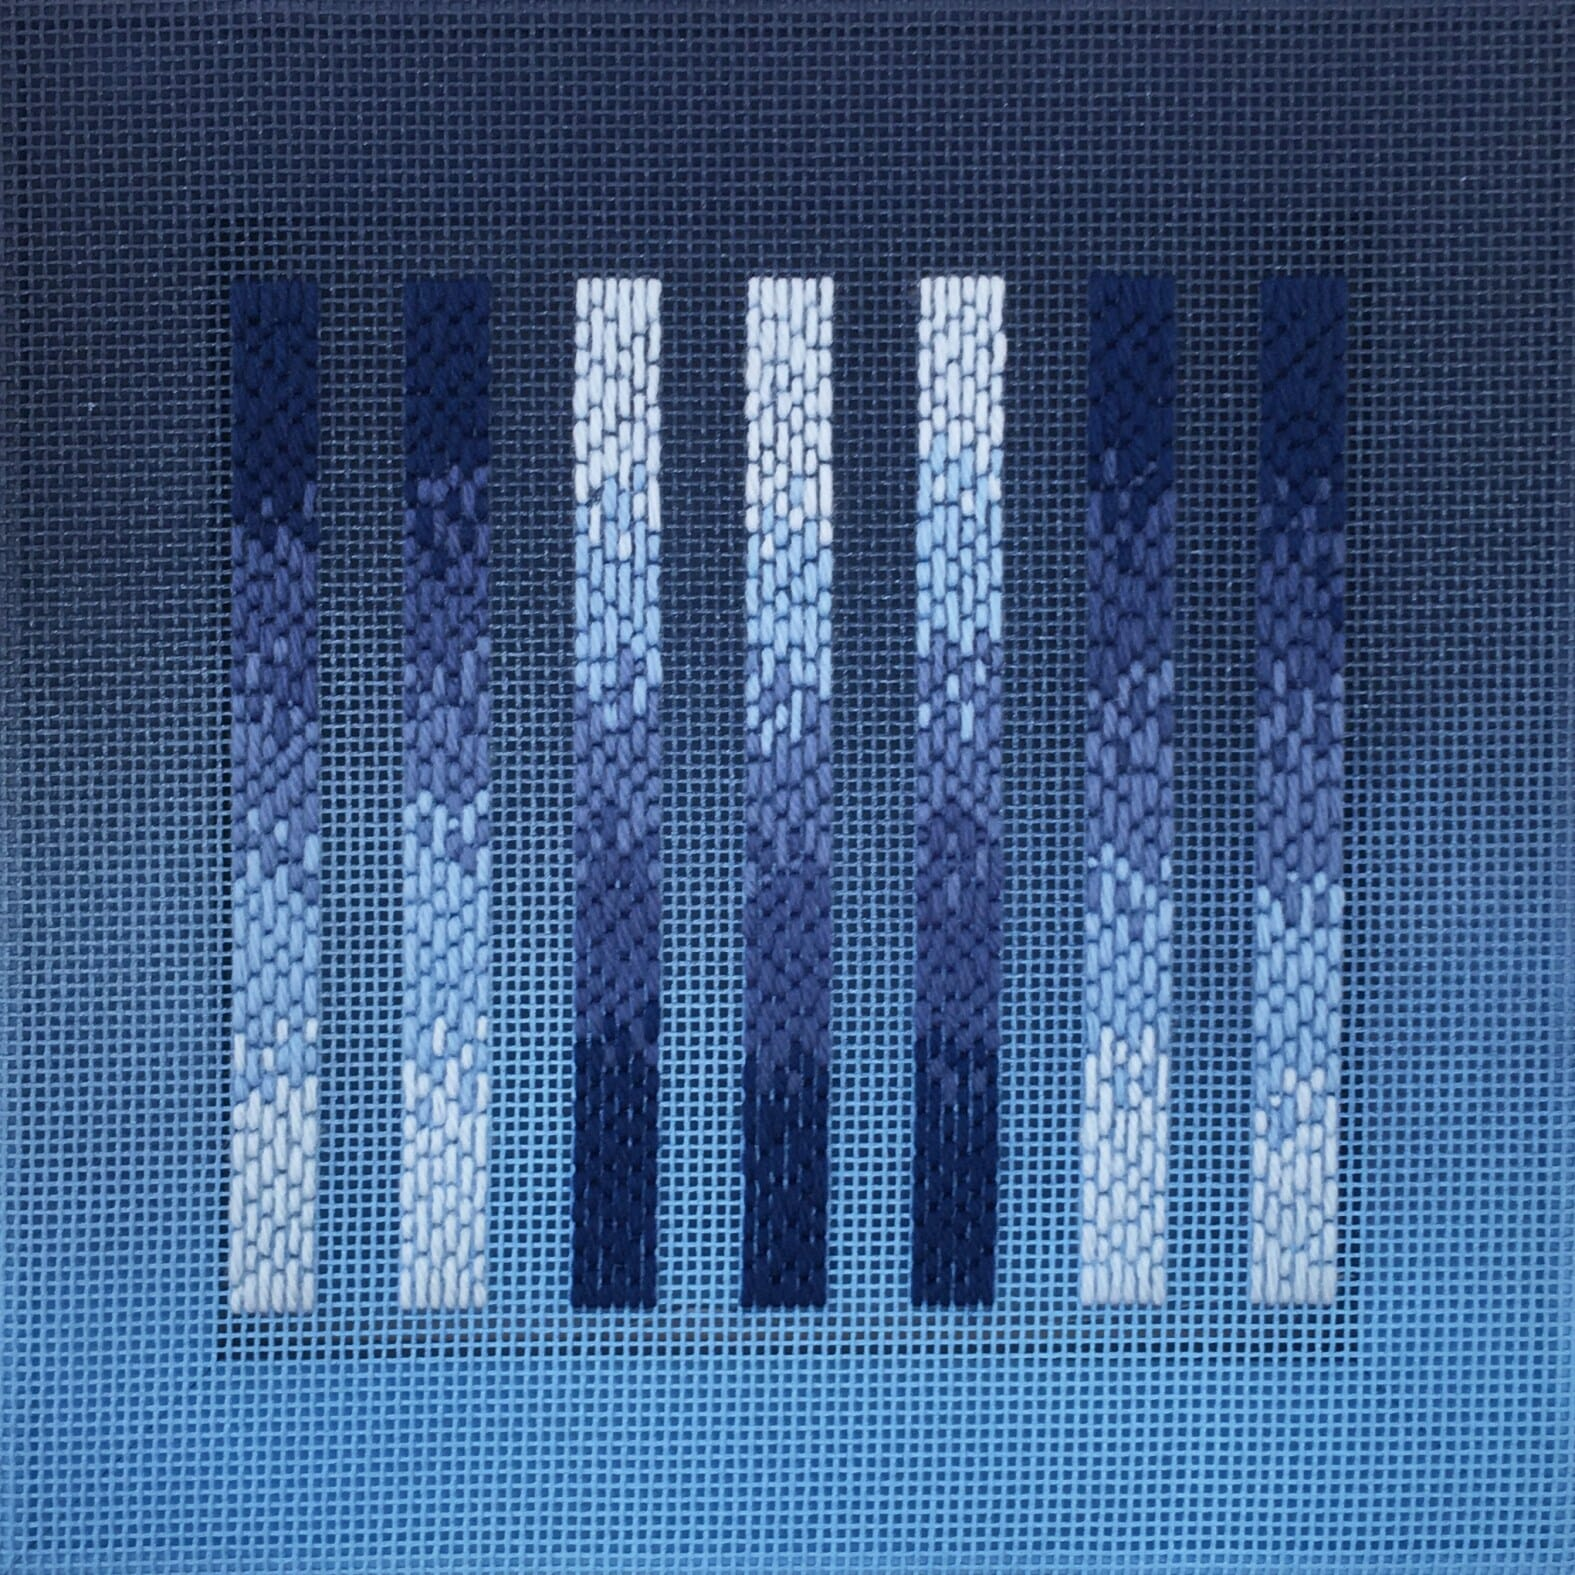 Zoe Gilbertson - Blue Fade